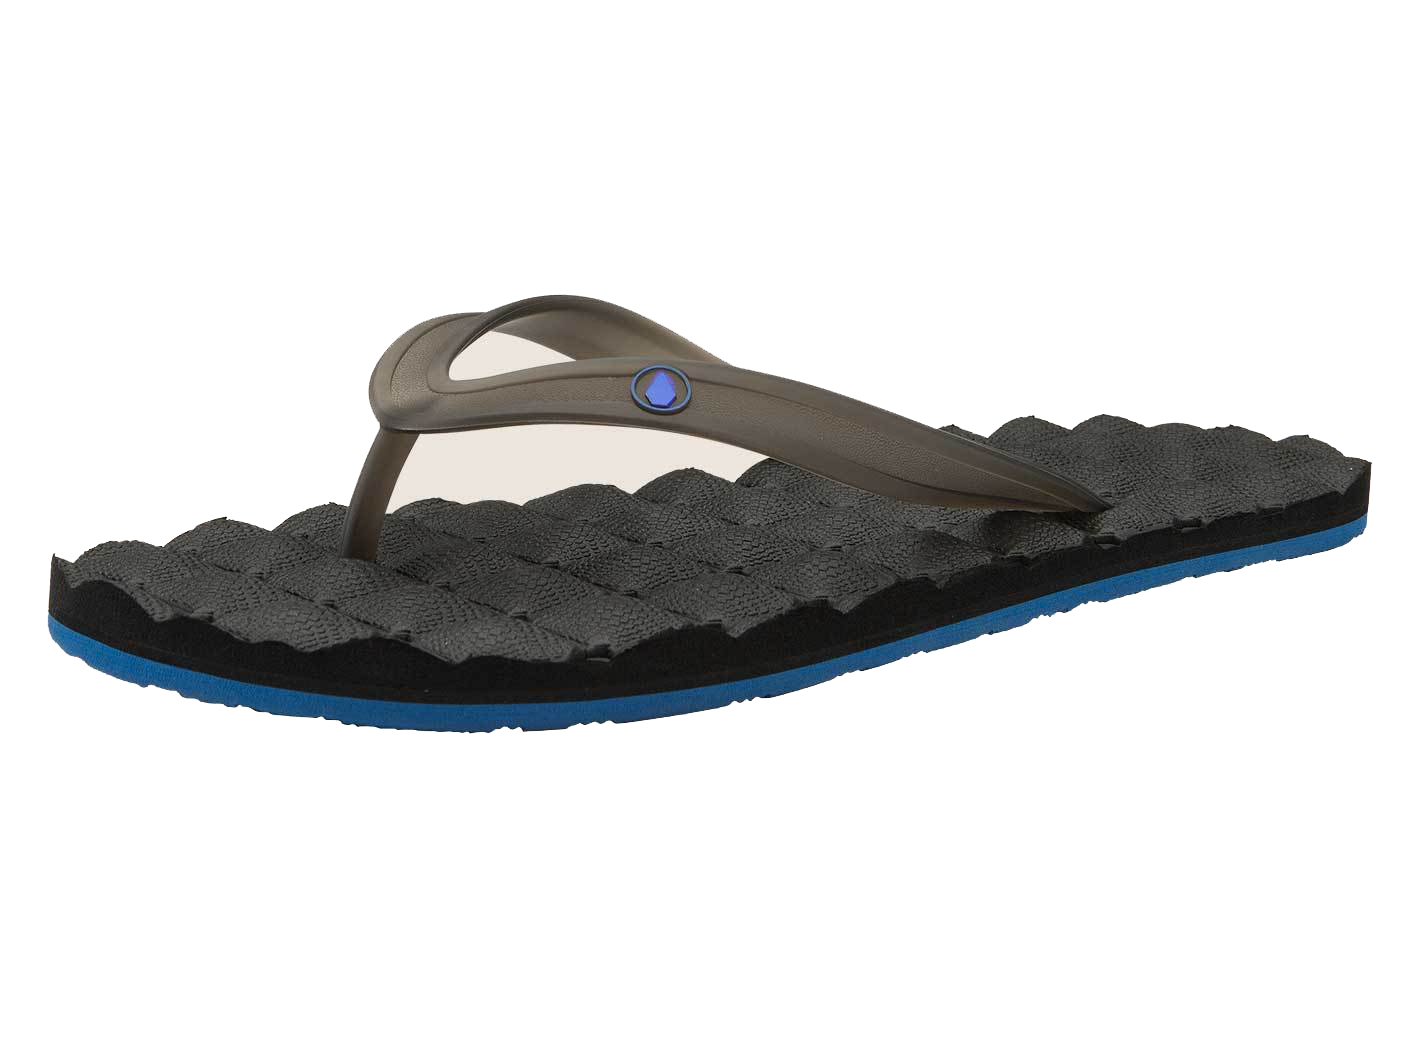 Volcom Recliner Rubber 2 Mens Sandal Ebay